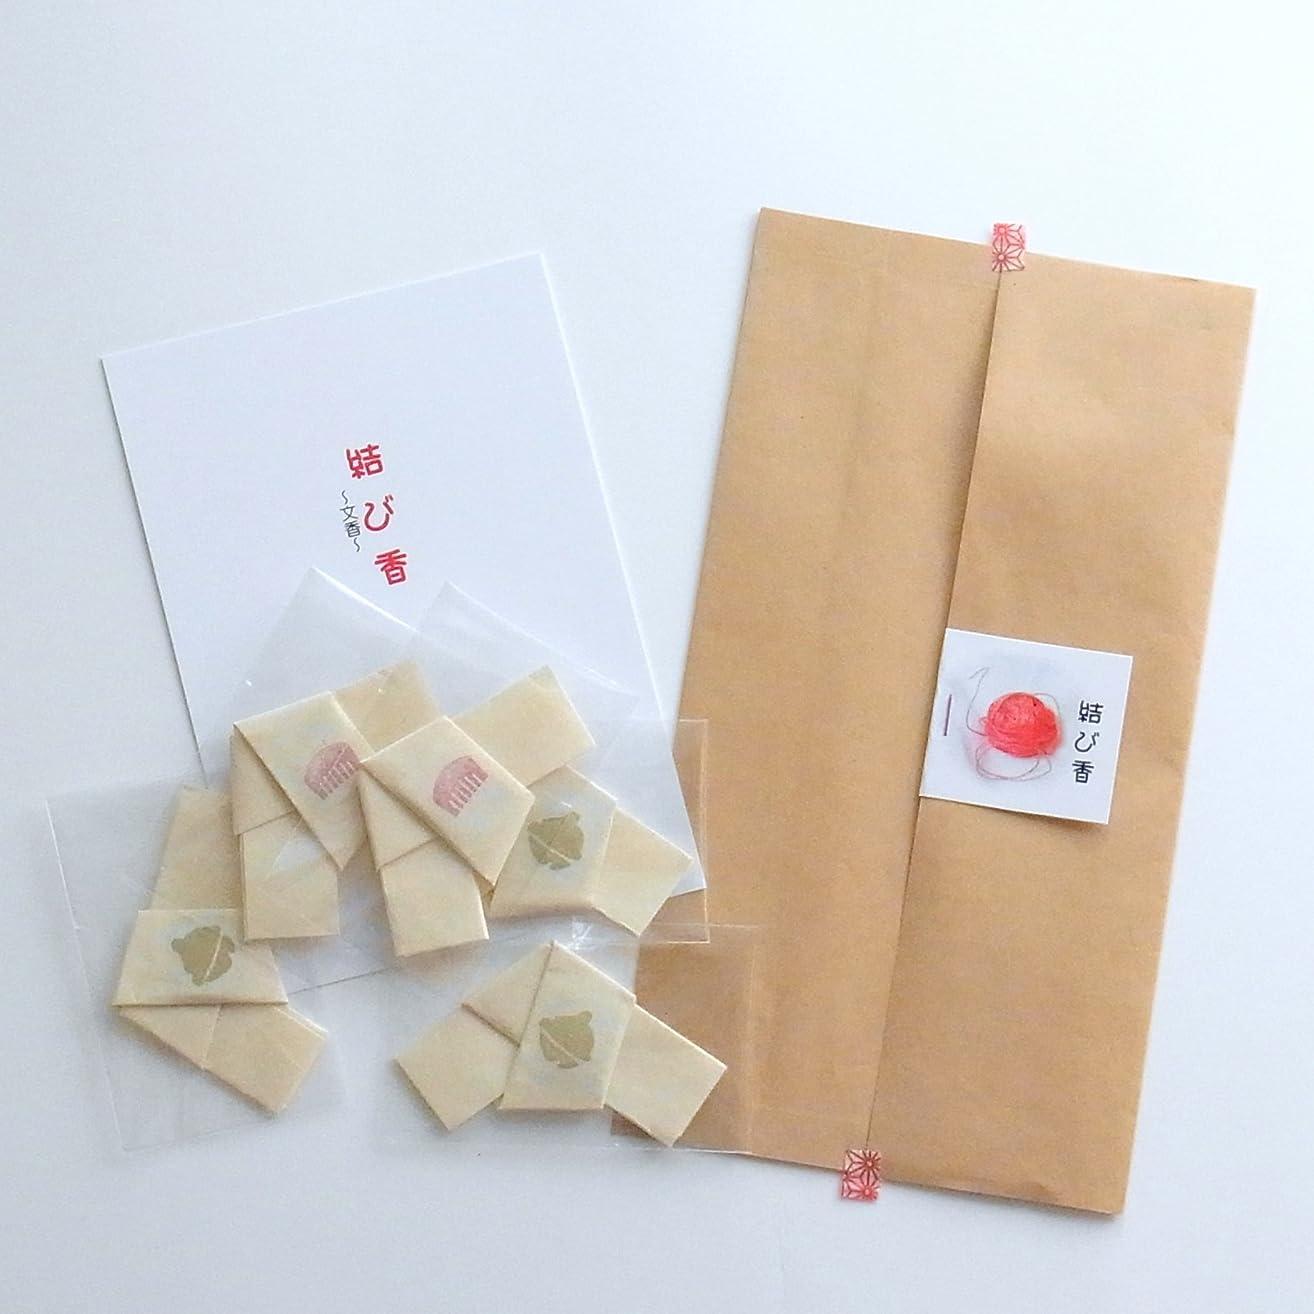 道を作るオリエントパス手紙に添えたり、バッグにしのばせてご縁を結ぶ【結び香】